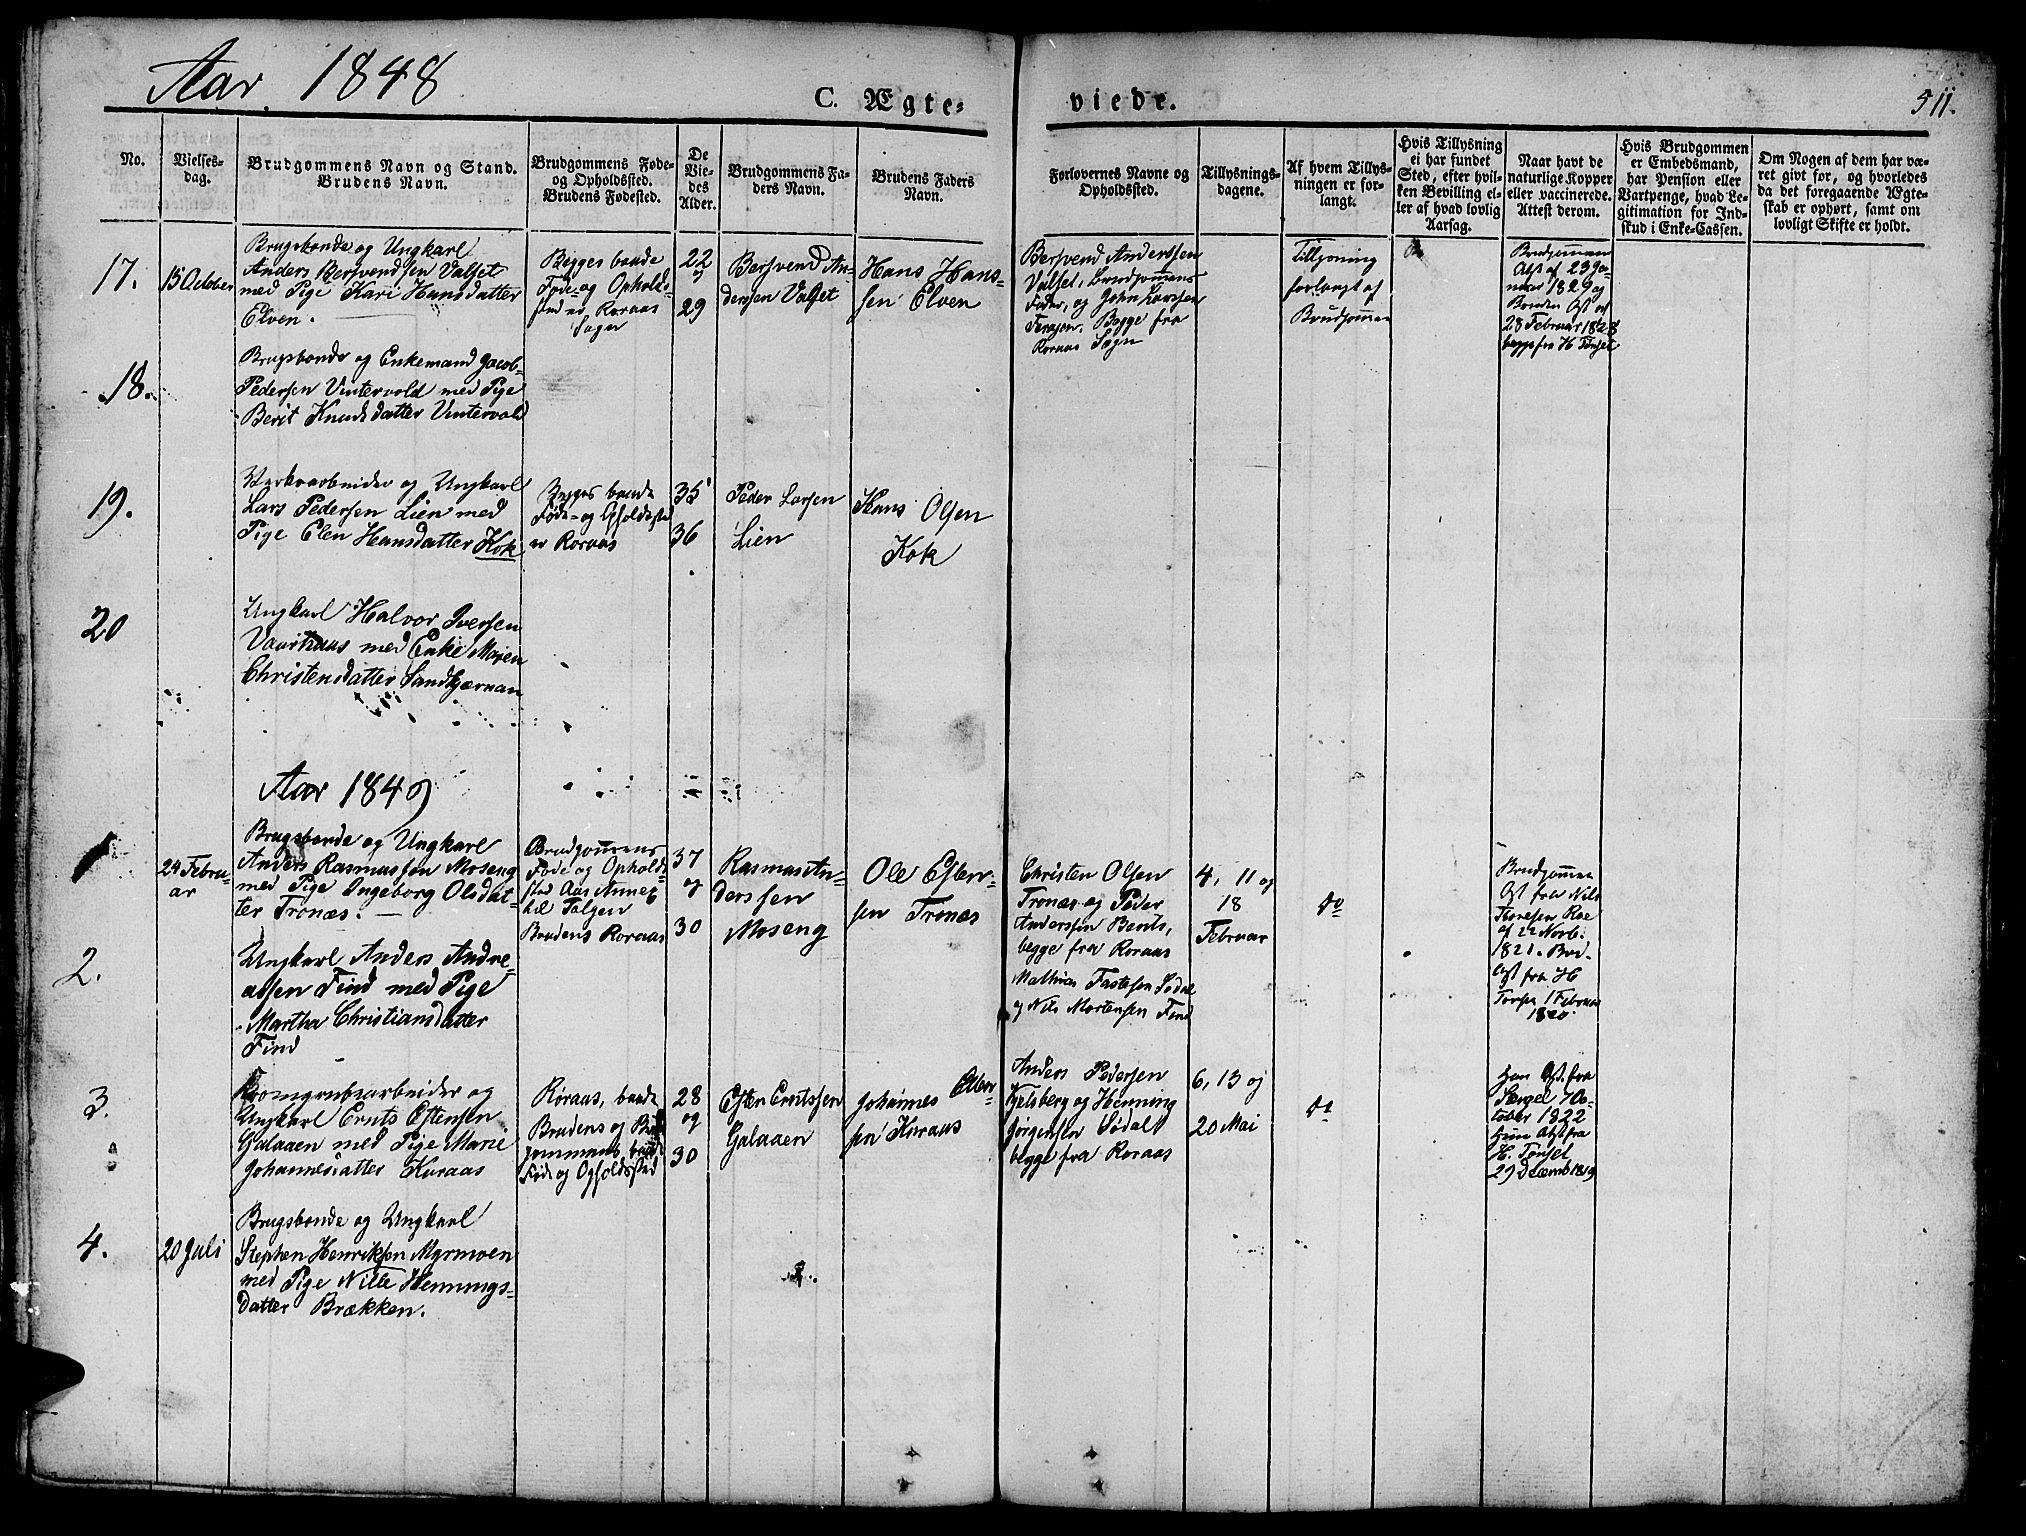 SAT, Ministerialprotokoller, klokkerbøker og fødselsregistre - Sør-Trøndelag, 681/L0939: Klokkerbok nr. 681C03, 1829-1855, s. 511